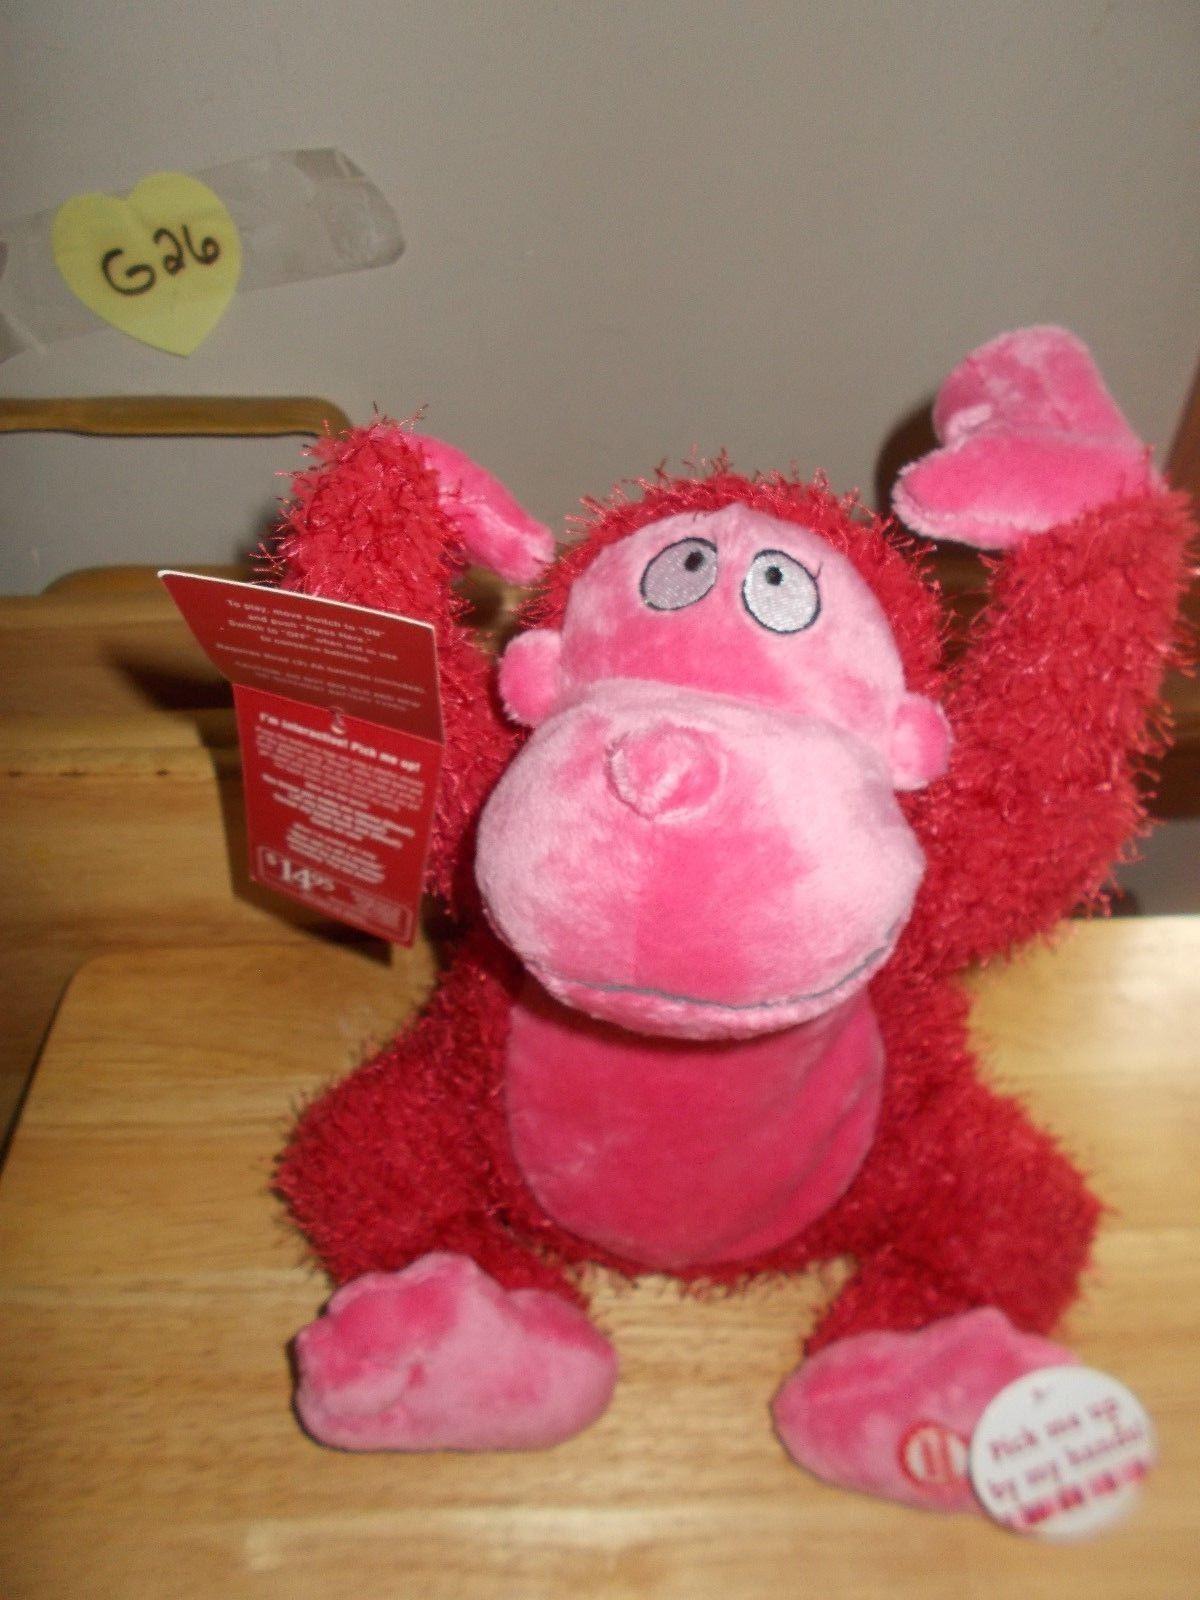 Hallmark Valentine Ape, Pick me up and I go Ape Plush